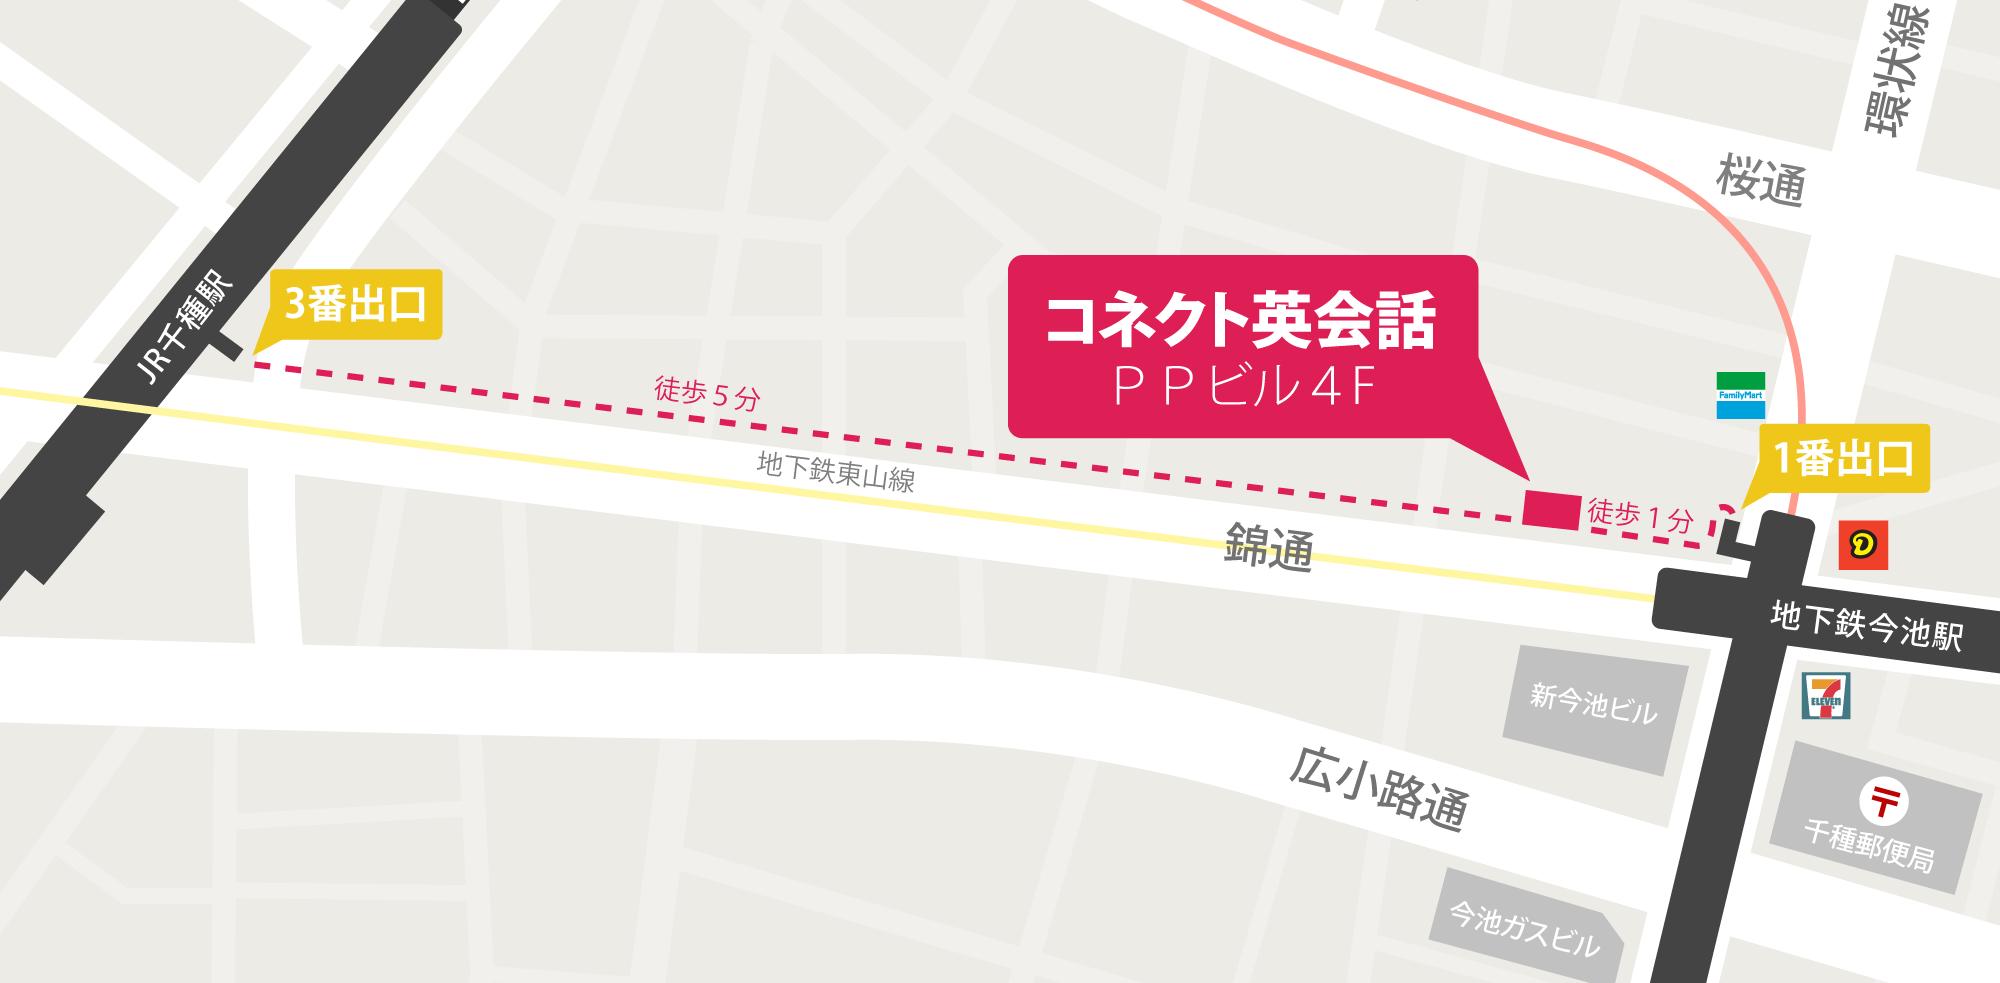 名古屋 千種区「今池」駅より徒歩1分